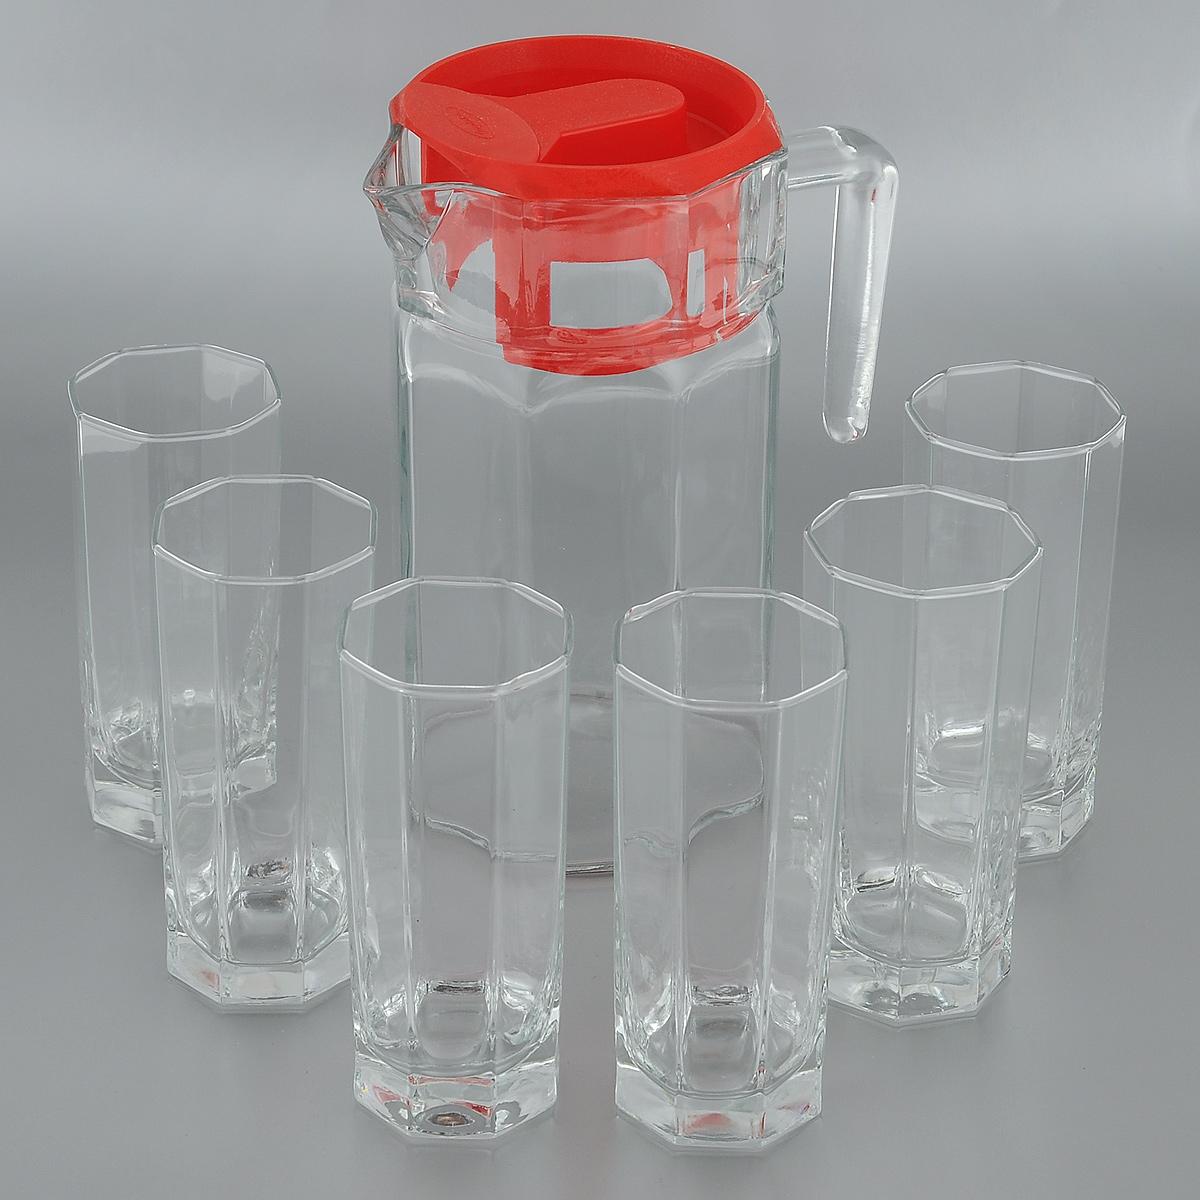 Набор для воды Pasabahce Kosem, 7 предметовVT-1520(SR)Набор Pasabahce Kosem состоит из шести стаканов и графина, выполненных из прочного натрий-кальций-силикатного стекла. Предметы набора, оснащенные рельефной многогранной поверхностью, предназначены для воды, сока и других напитков. Графин снабжен пластиковой, плотно закрывающейся крышкой. Изделия сочетают в себе элегантный дизайн и функциональность. Благодаря такому набору пить напитки будет еще вкуснее.Набор для воды Pasabahce Kosem прекрасно оформит праздничный стол и создаст приятную атмосферу. Такой набор также станет хорошим подарком к любому случаю. Можно мыть в посудомоечной машине и использовать в микроволновой печи.Объем графина: 1,25 л. Диаметр графина (по верхнему краю): 11 см. Высота графина (без учета крышки): 21,5 см. Объем стакана: 260 мл. Диаметр стакана (по верхнему краю): 6 см. Высота стакана: 13,5 см.